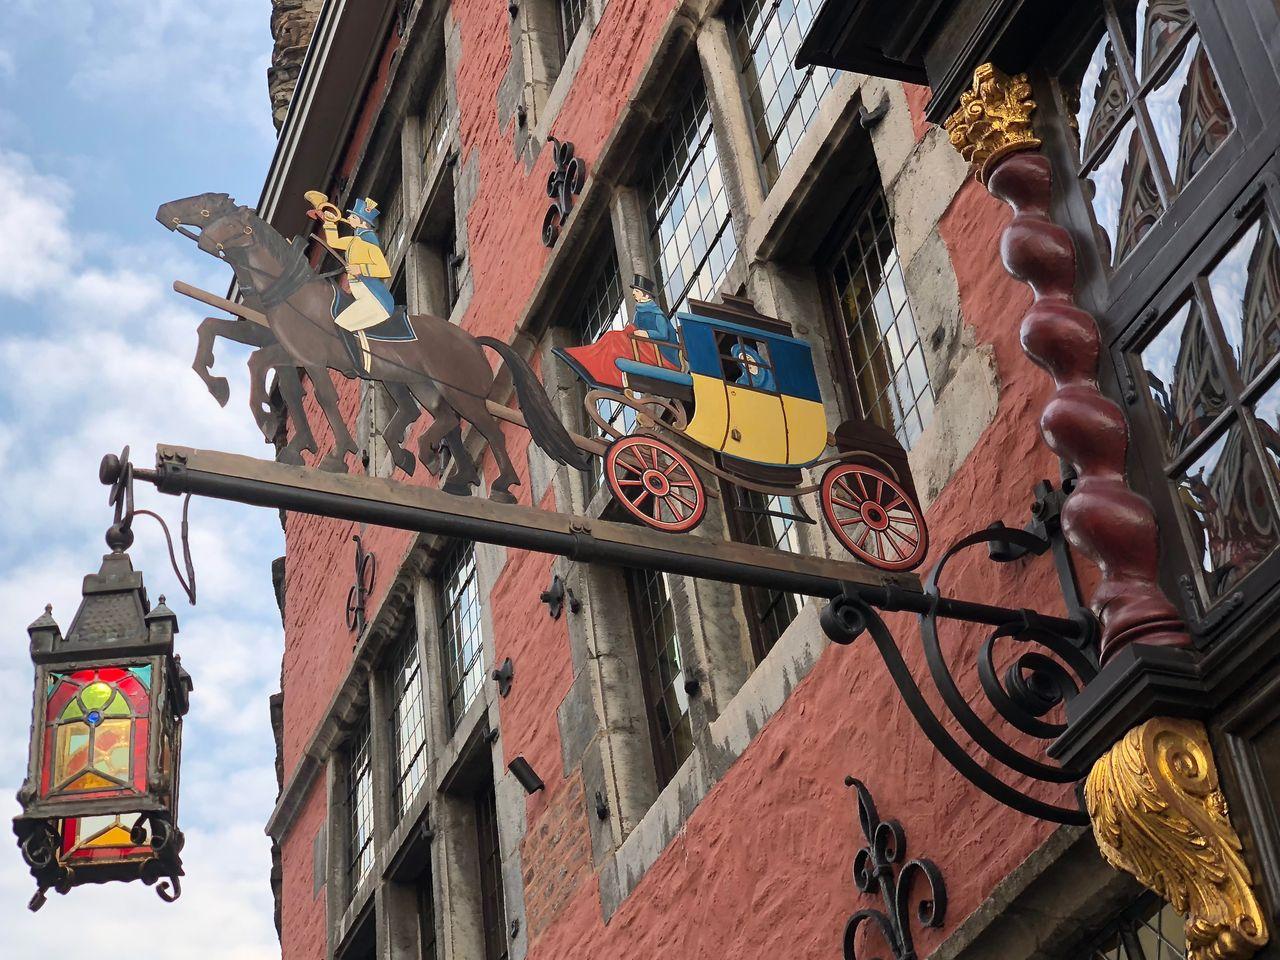 Der Postwagen (früher Postkutsche) ist das einzige erhaltene Holzhaus in Aachen. Die Geschichte reicht bis 1657 zurück. Nach dem verheerenden Stadtbrand setzten die Aachener lieber auf Steinbauten.